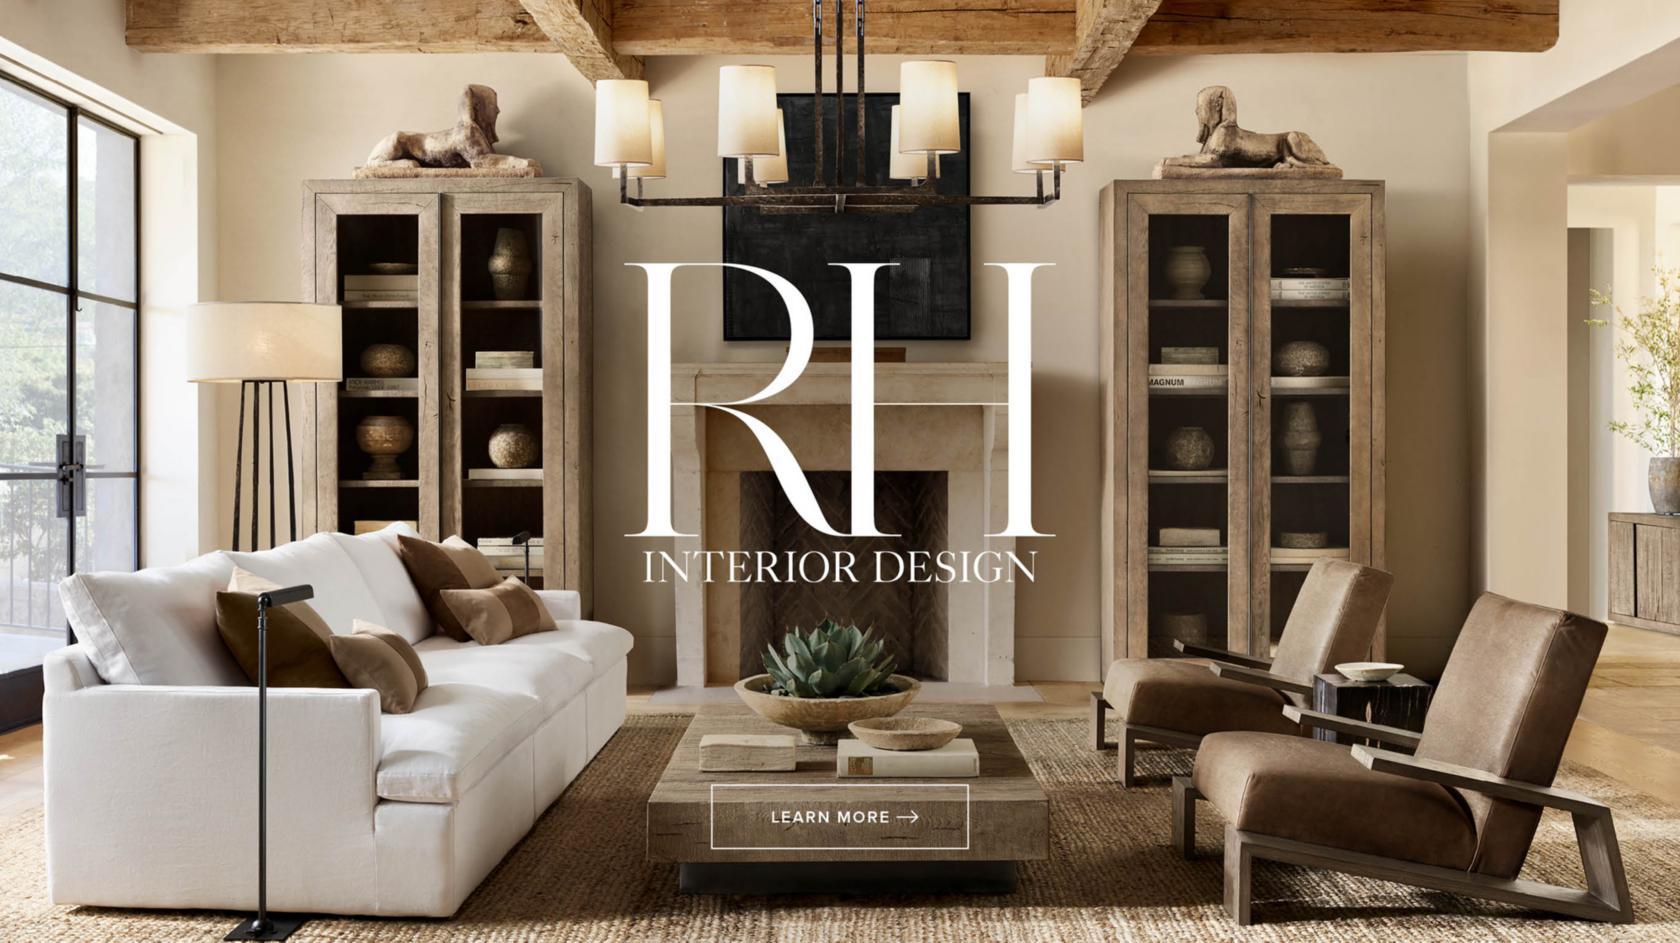 Schedule your interior design consultation